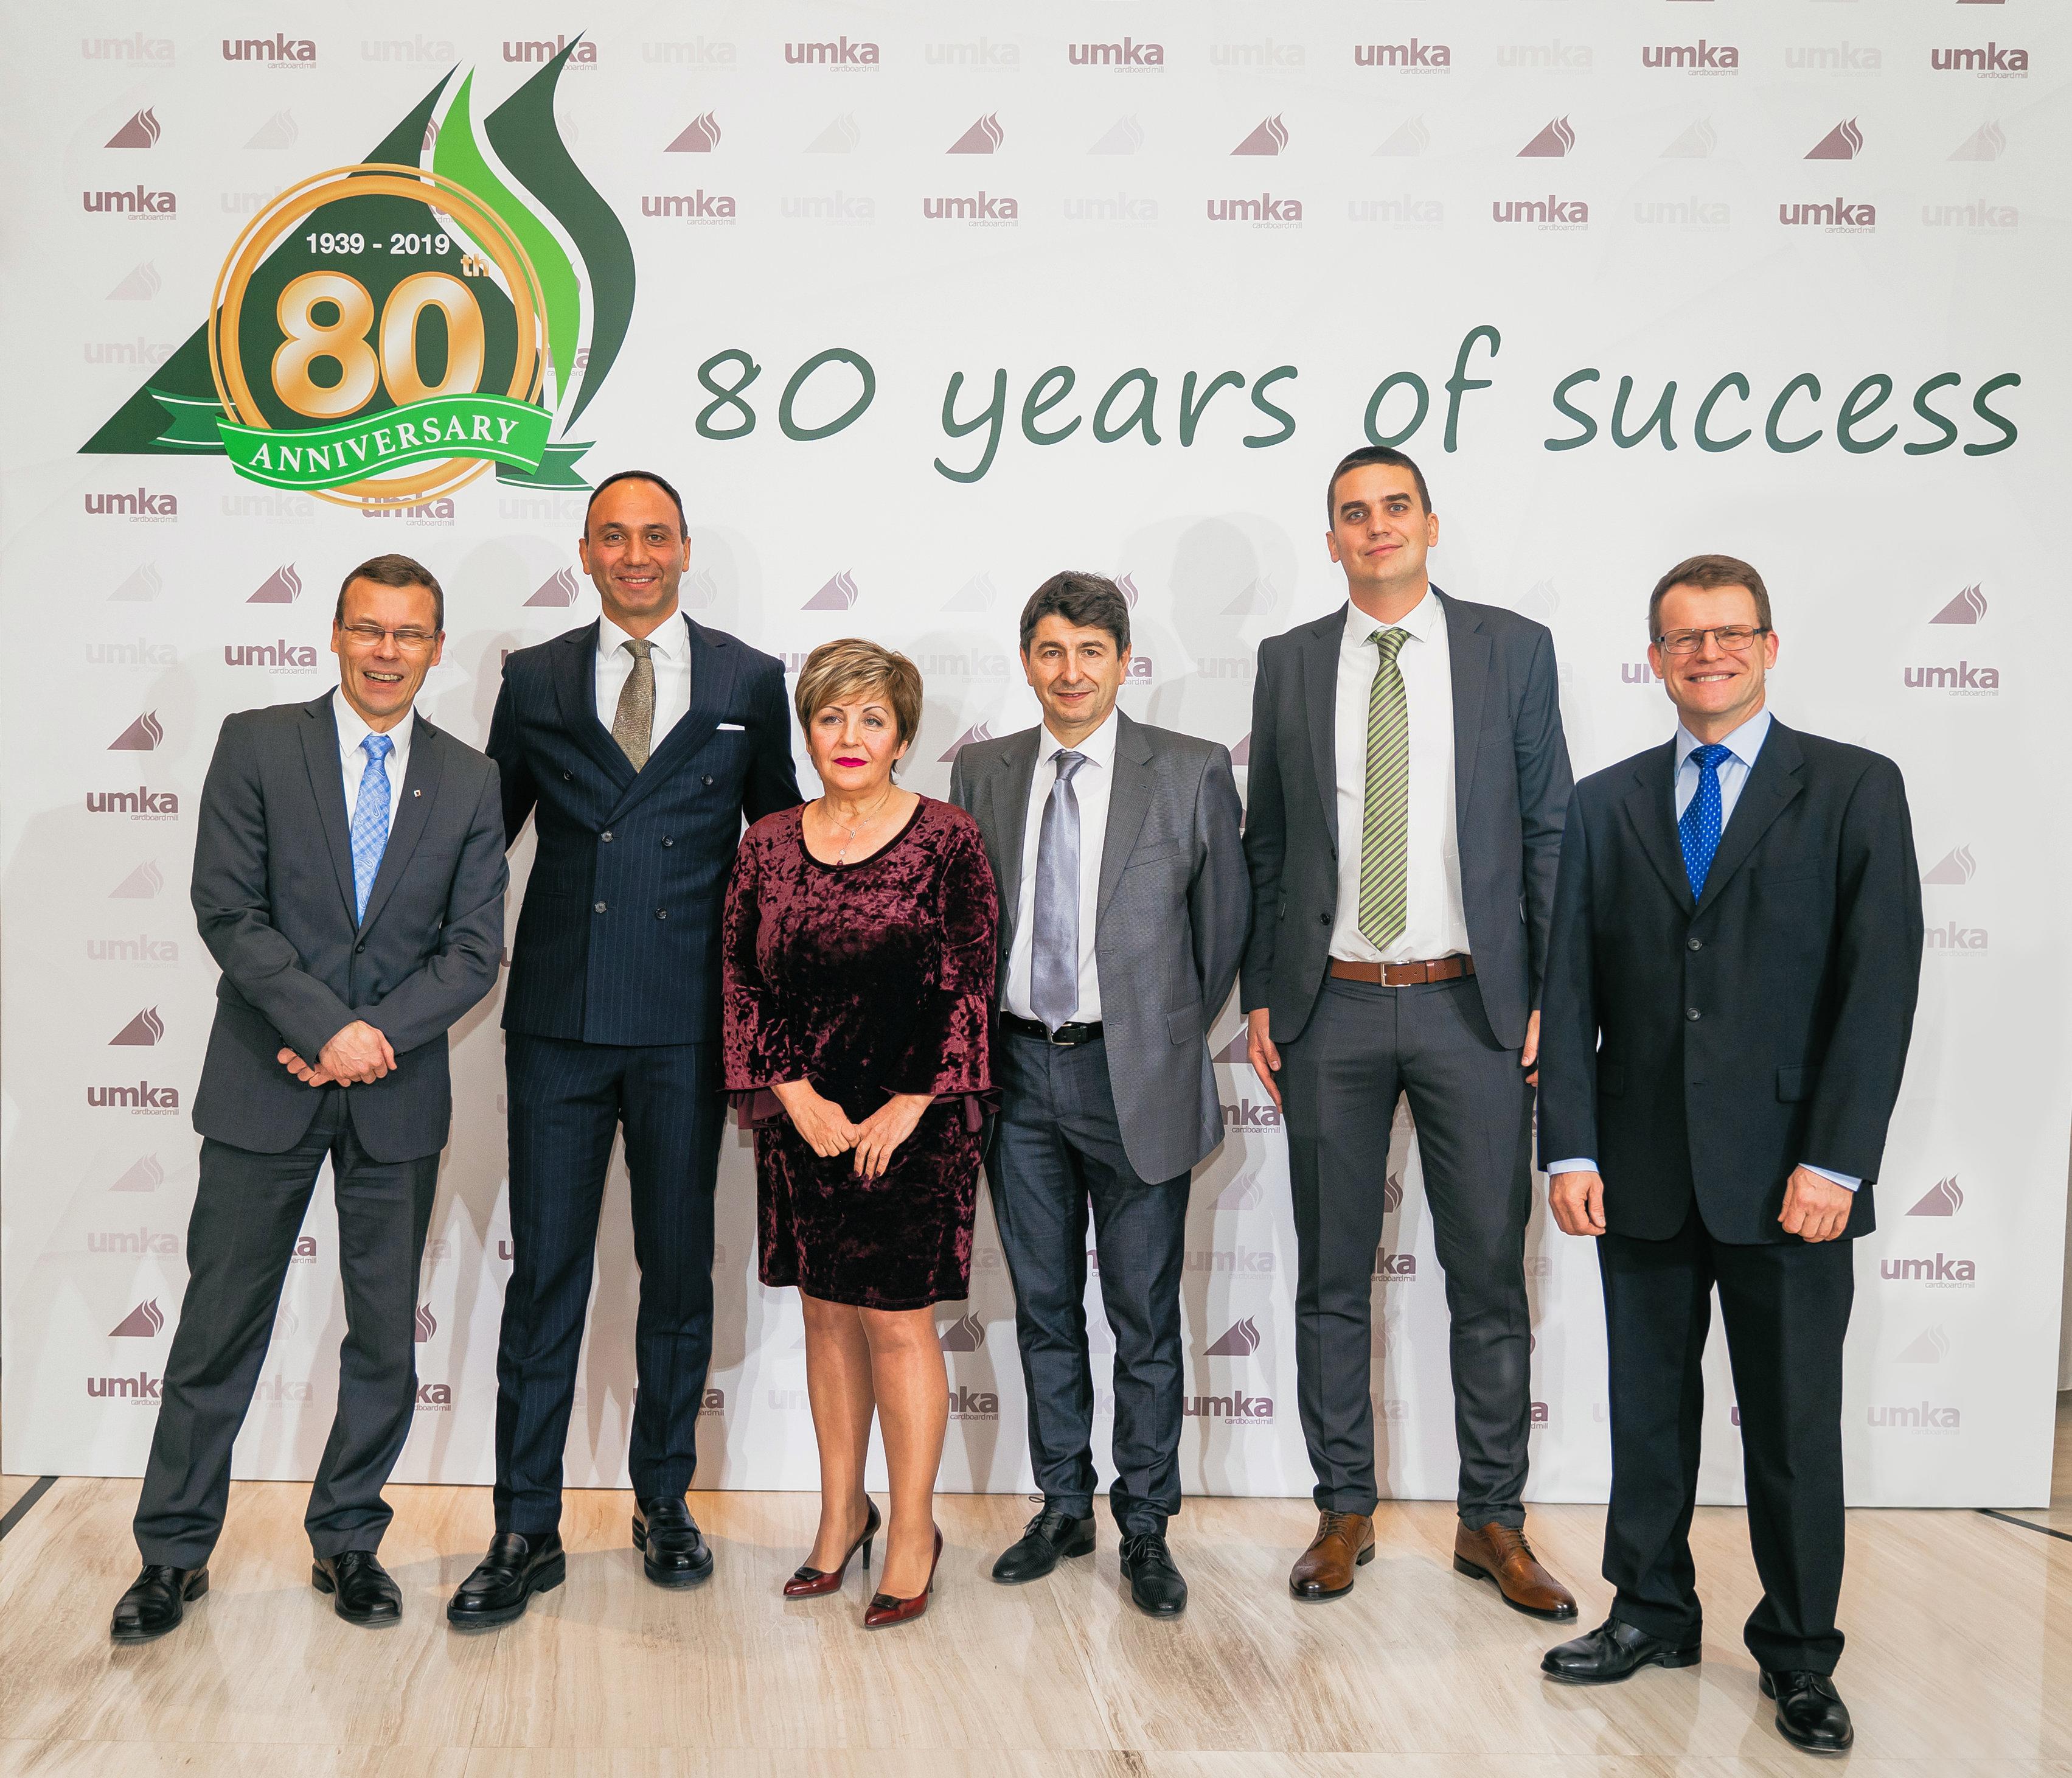 Umka's and Valmet's teams at the Umka 80-year anniversary celebration. From left: Kari Räisänen (Valmet), Milos Ljusic (Umka), Jadranka Priljeva (Umka), Staniša Lukić (Umka), Nikola Pejović (Umka) and Pekka Turtinen (Valmet)